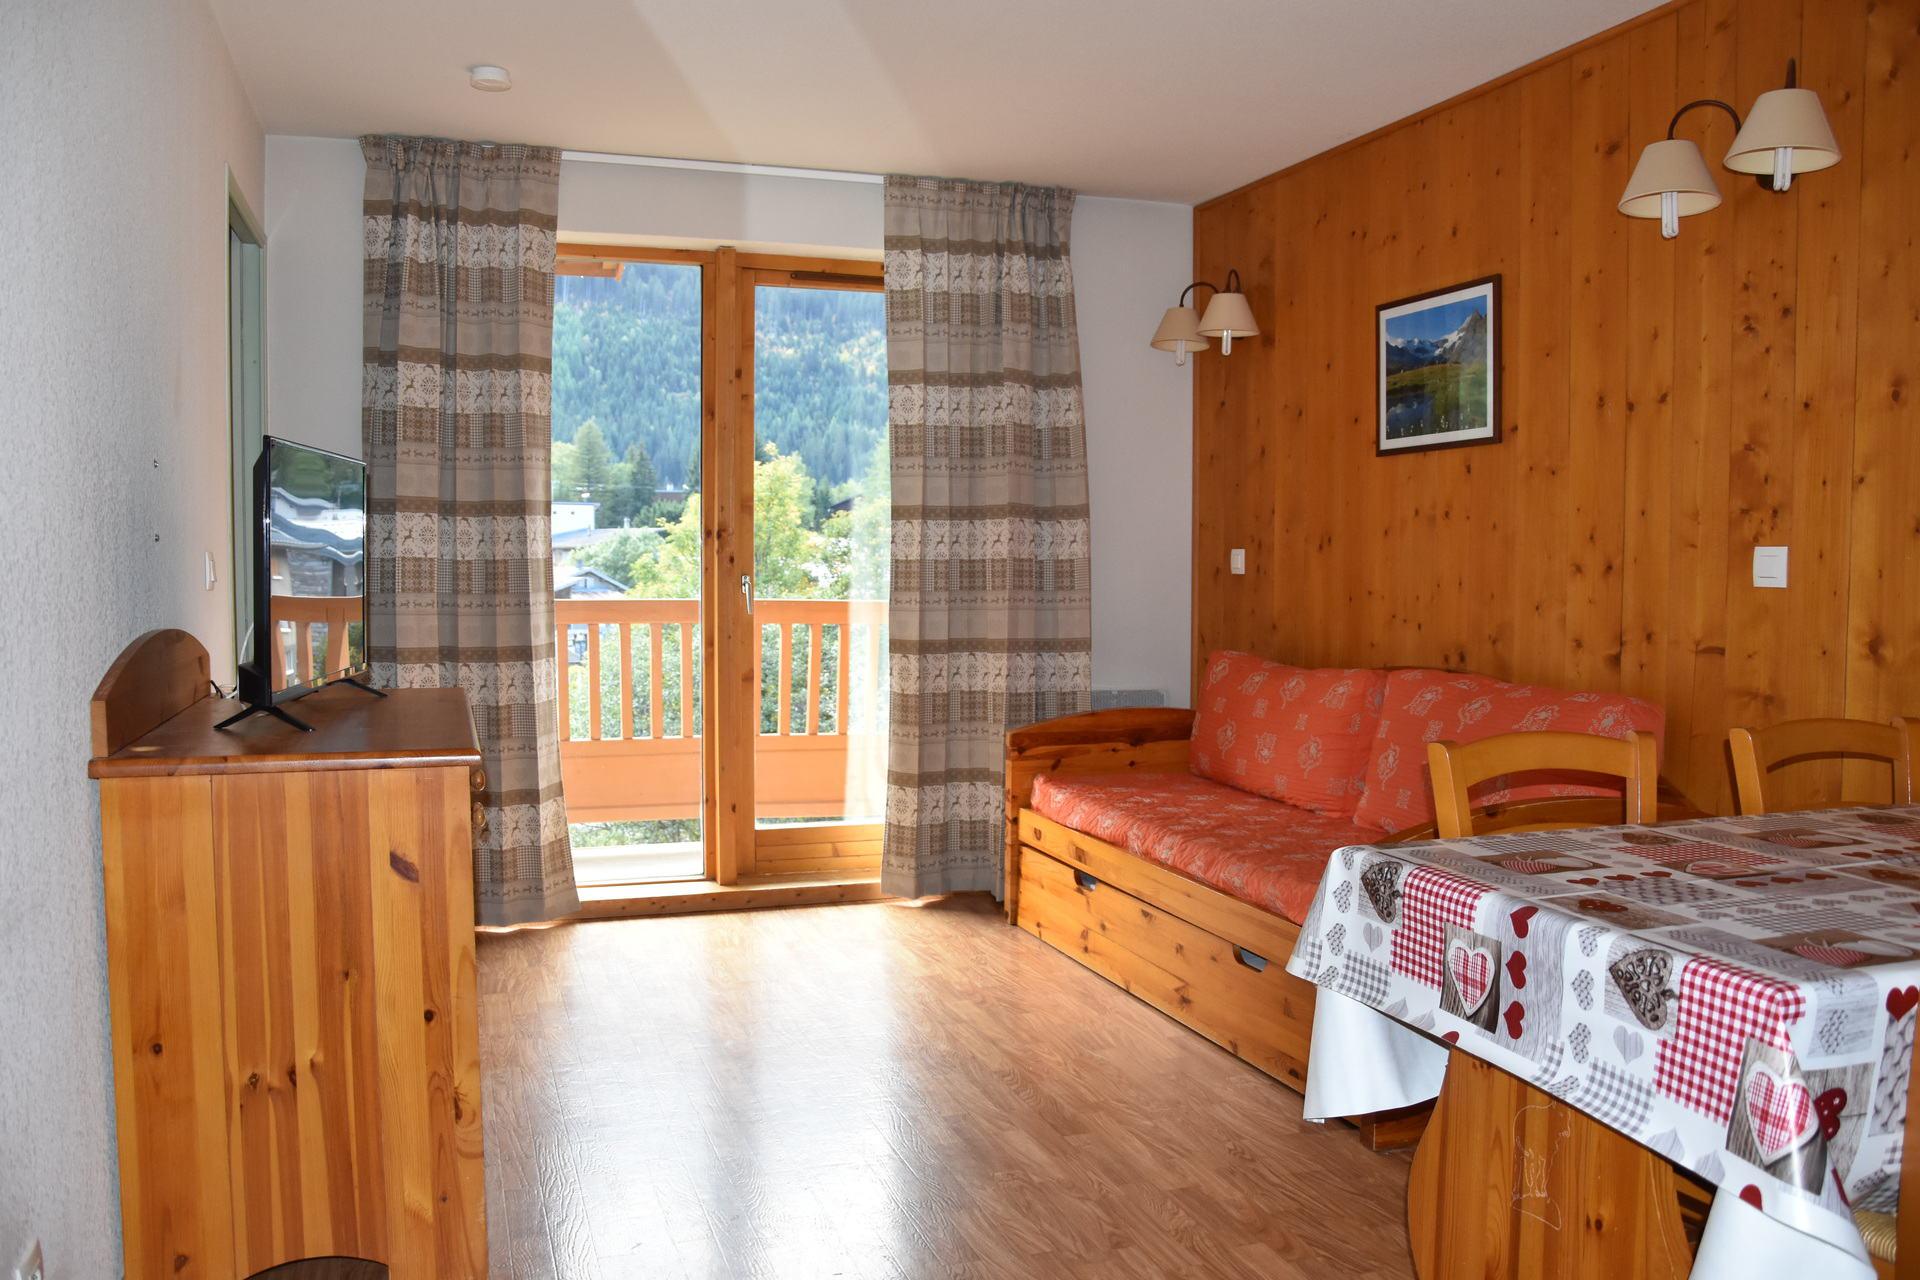 Location référence : BLANCHOT59 à Pralognan la Vanoise